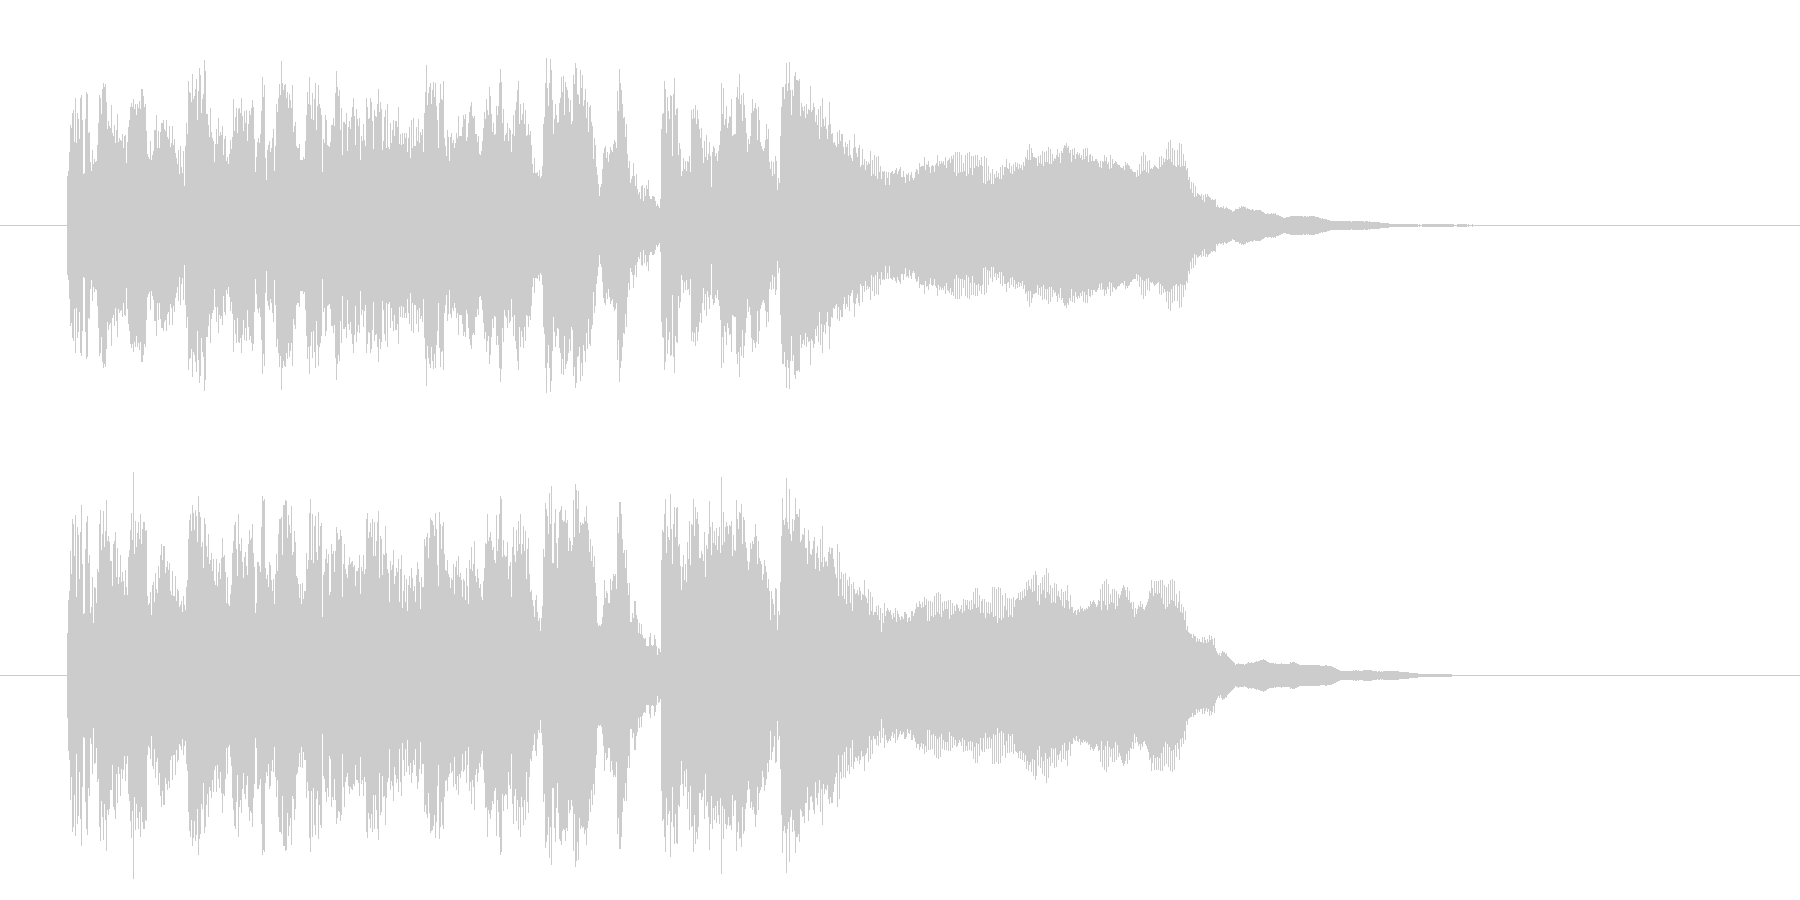 疾走感溢れるポップなシンセジングルの未再生の波形